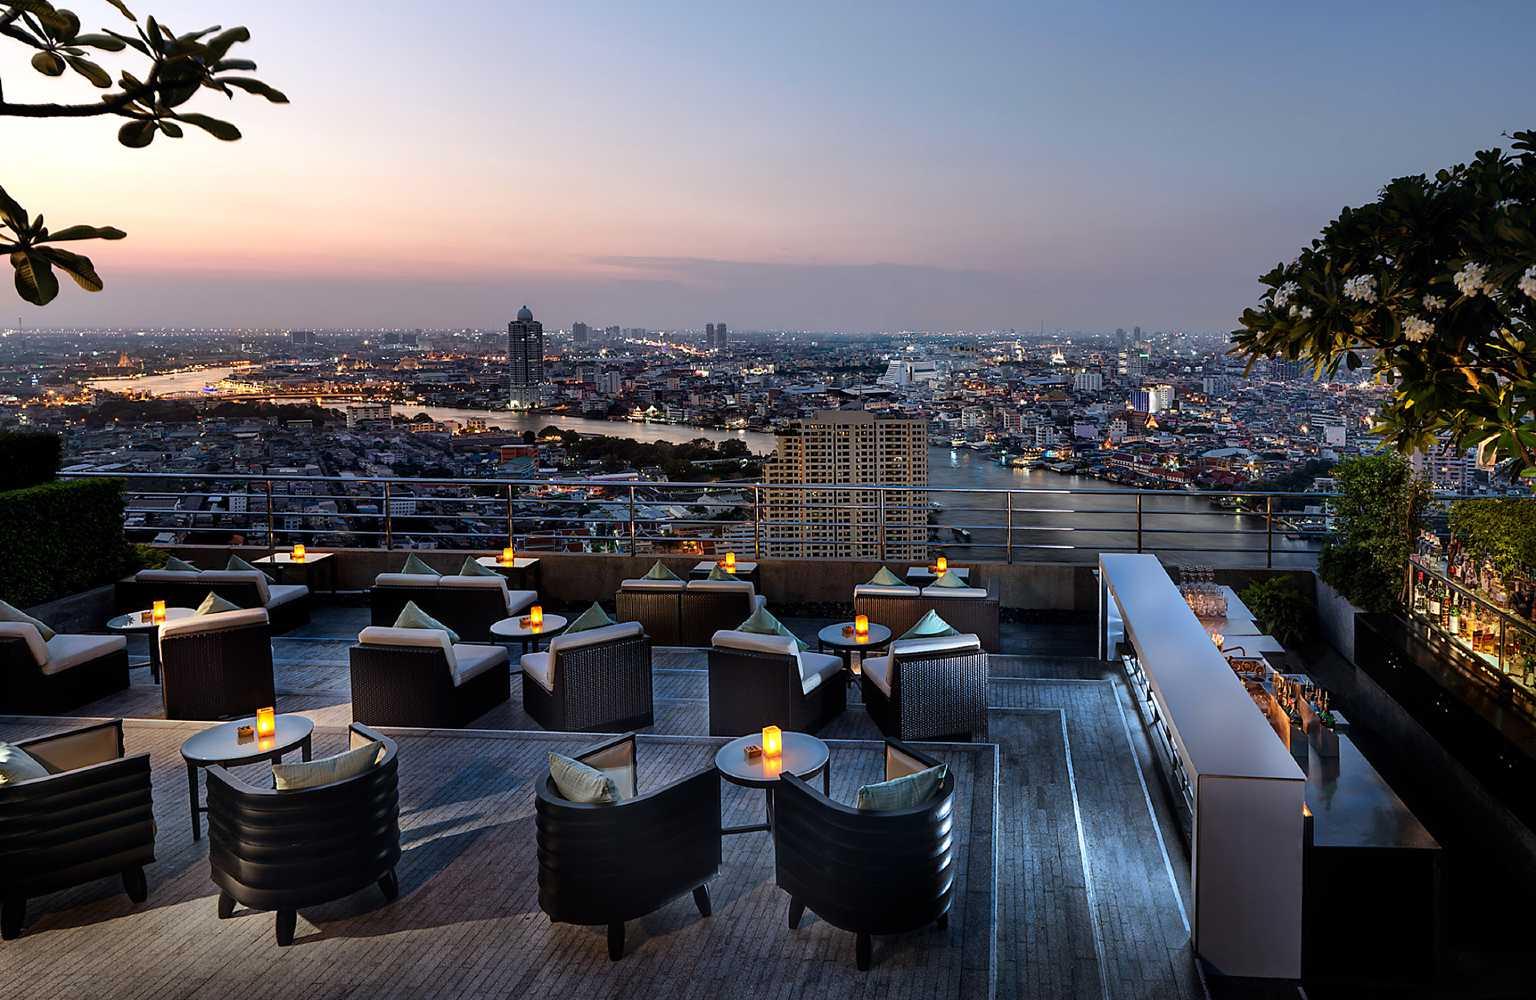 Hilton Bangkok. lounge plek op sky bar met uitzicht op de rivier